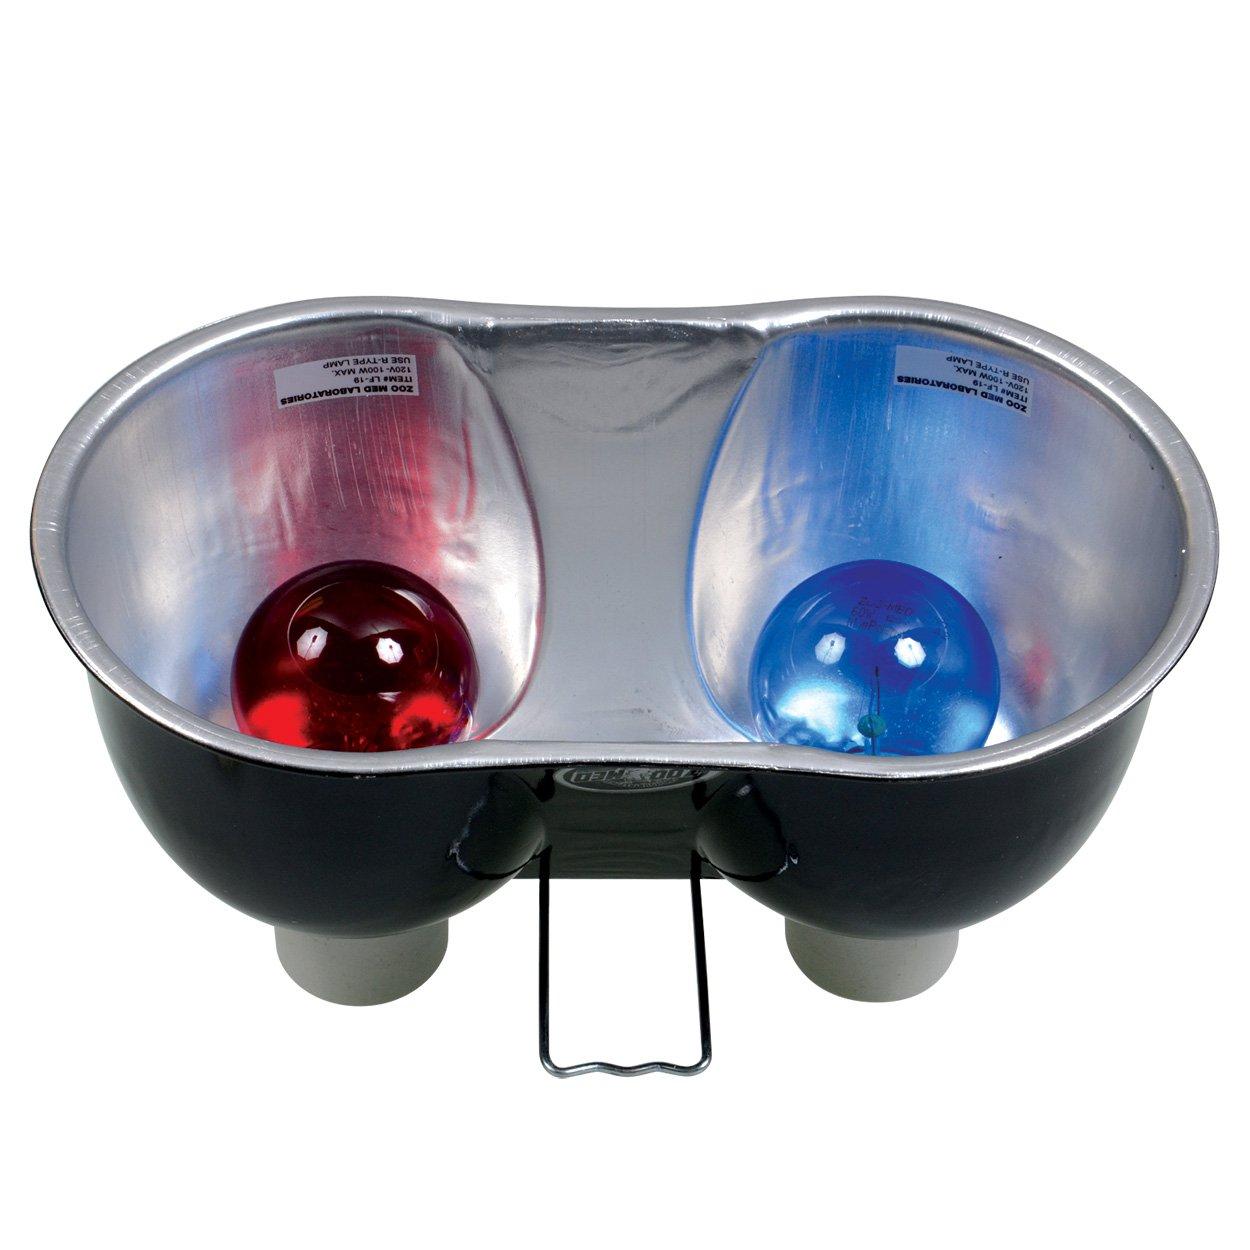 Zoo Med Combo Deep Dome Dual Lamp Fixture Soutien d'Ampoule pour Reptile/Amphibien Zoomed LF25